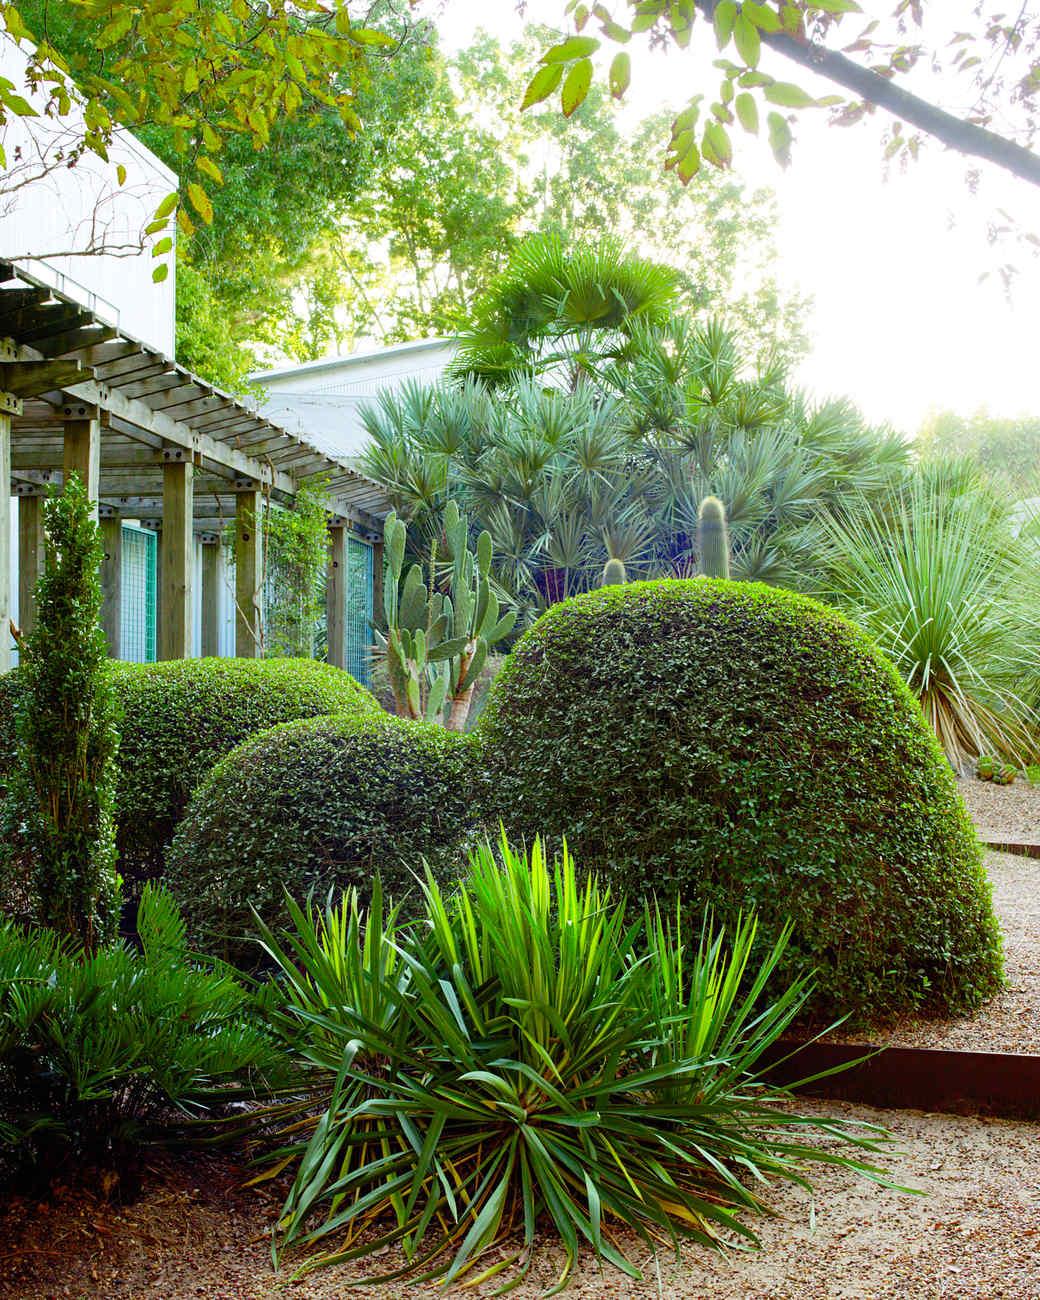 peckerwood-texas-pistachio-ms107897.jpg